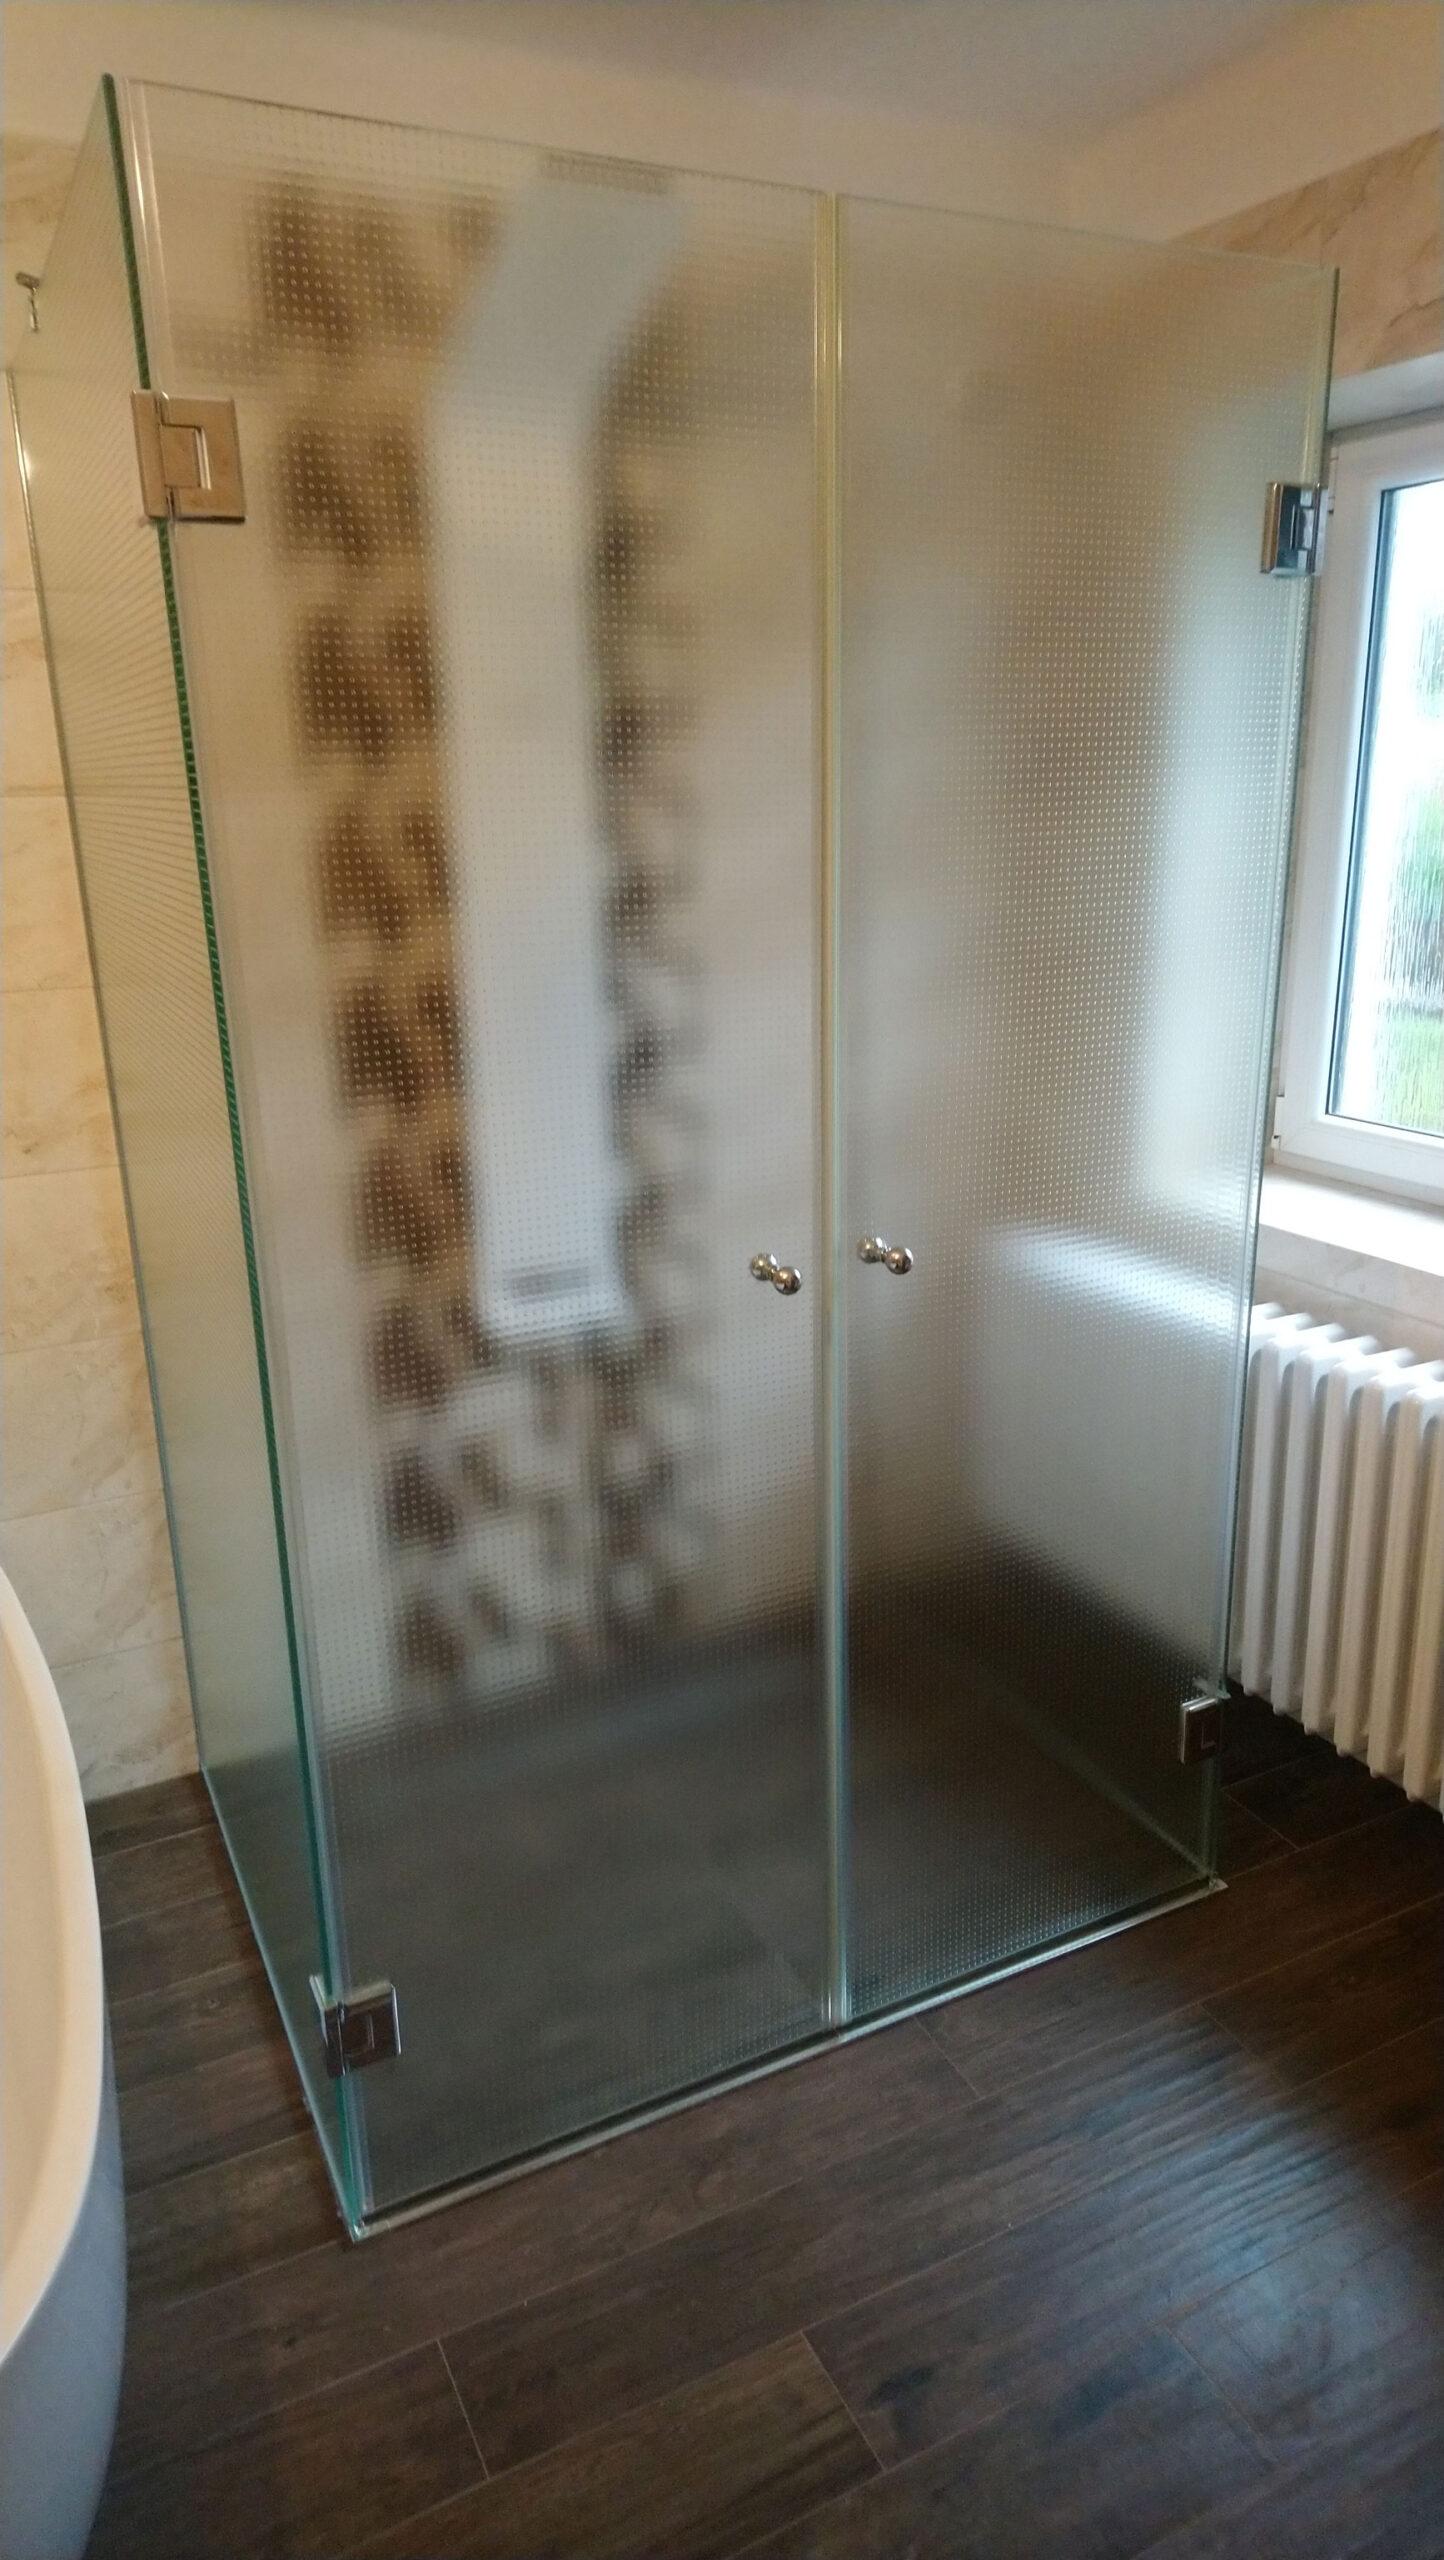 Sklenarstvi-Prerost-sprchove- kouty-a-sprchy (10)